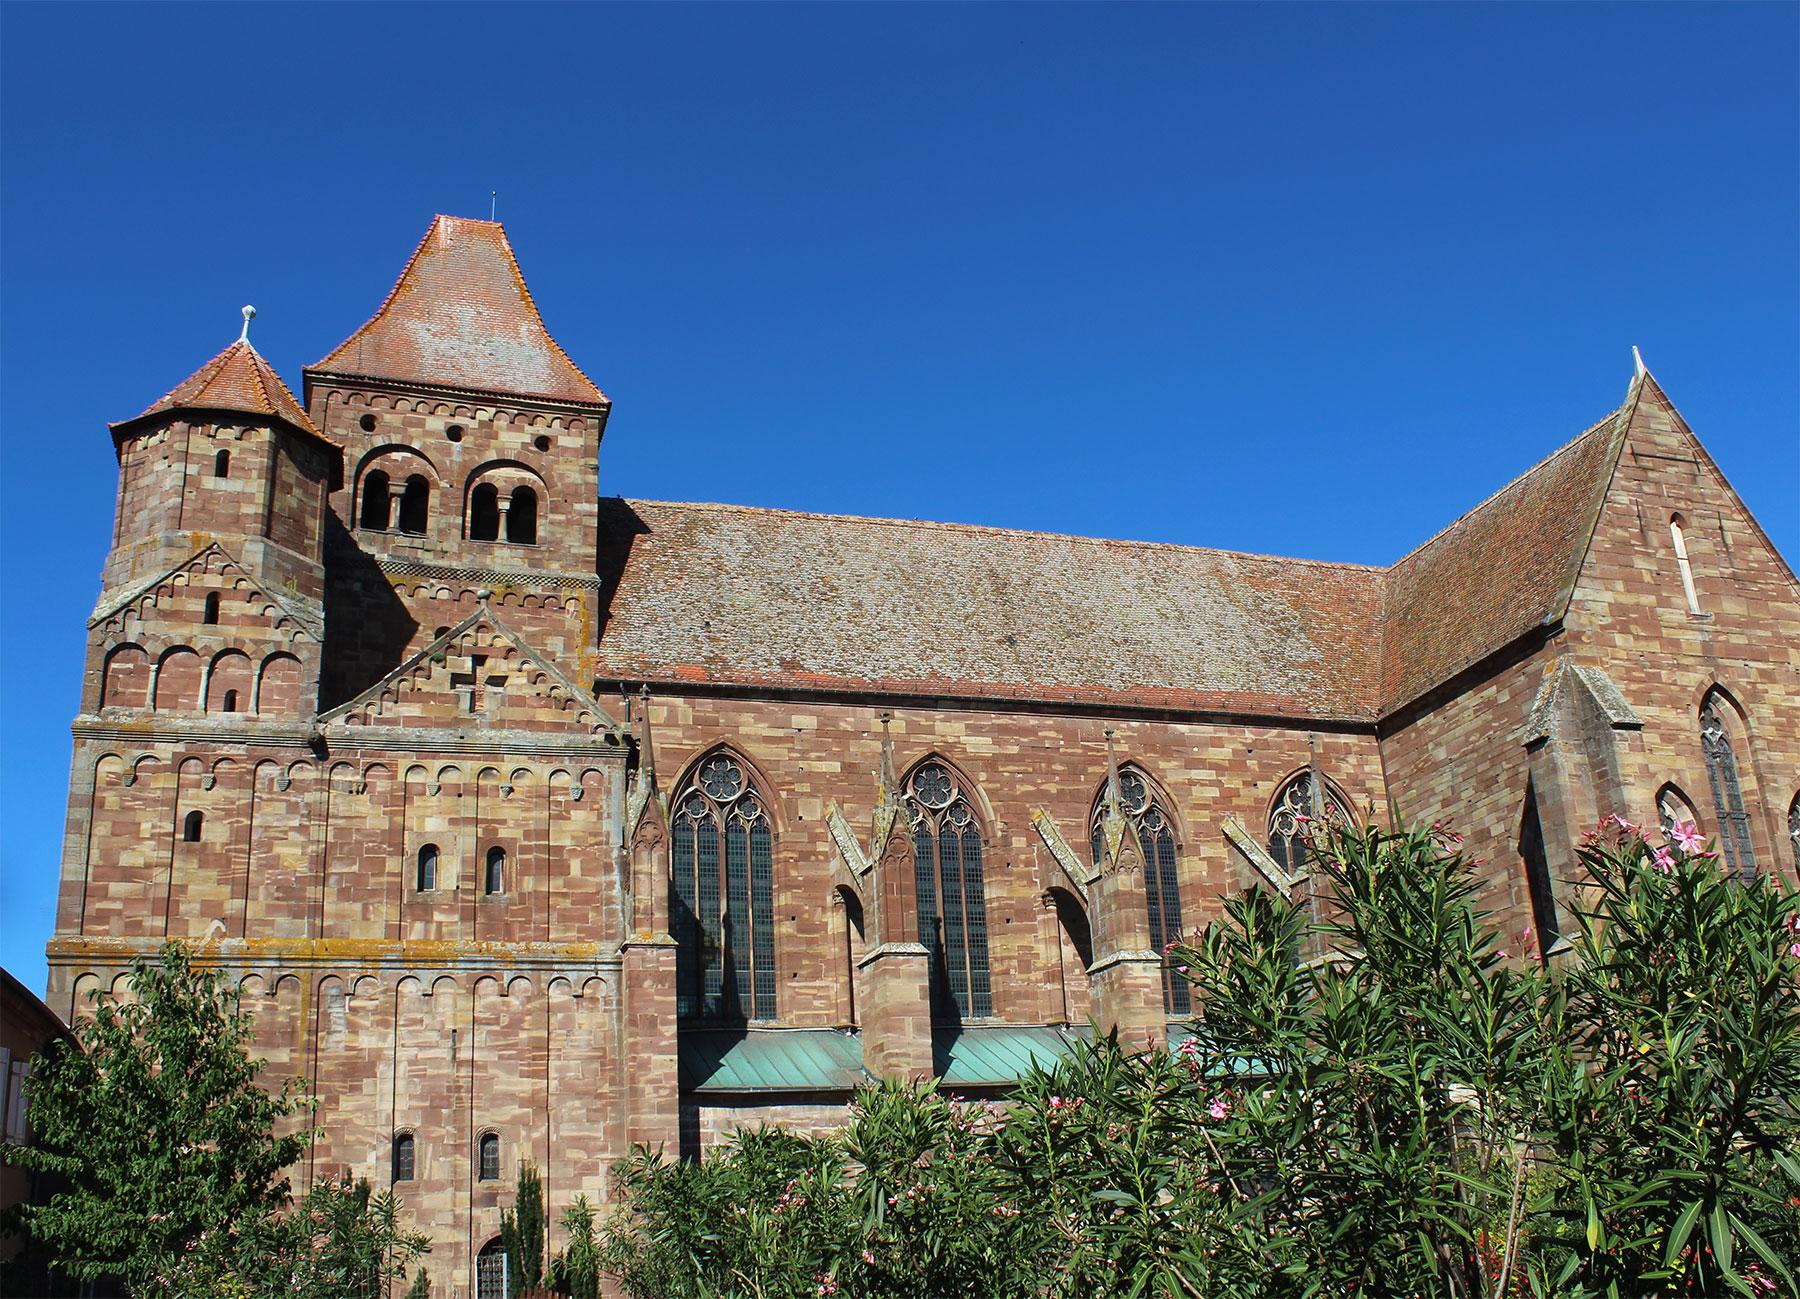 Abteikirche Saint-Etienne